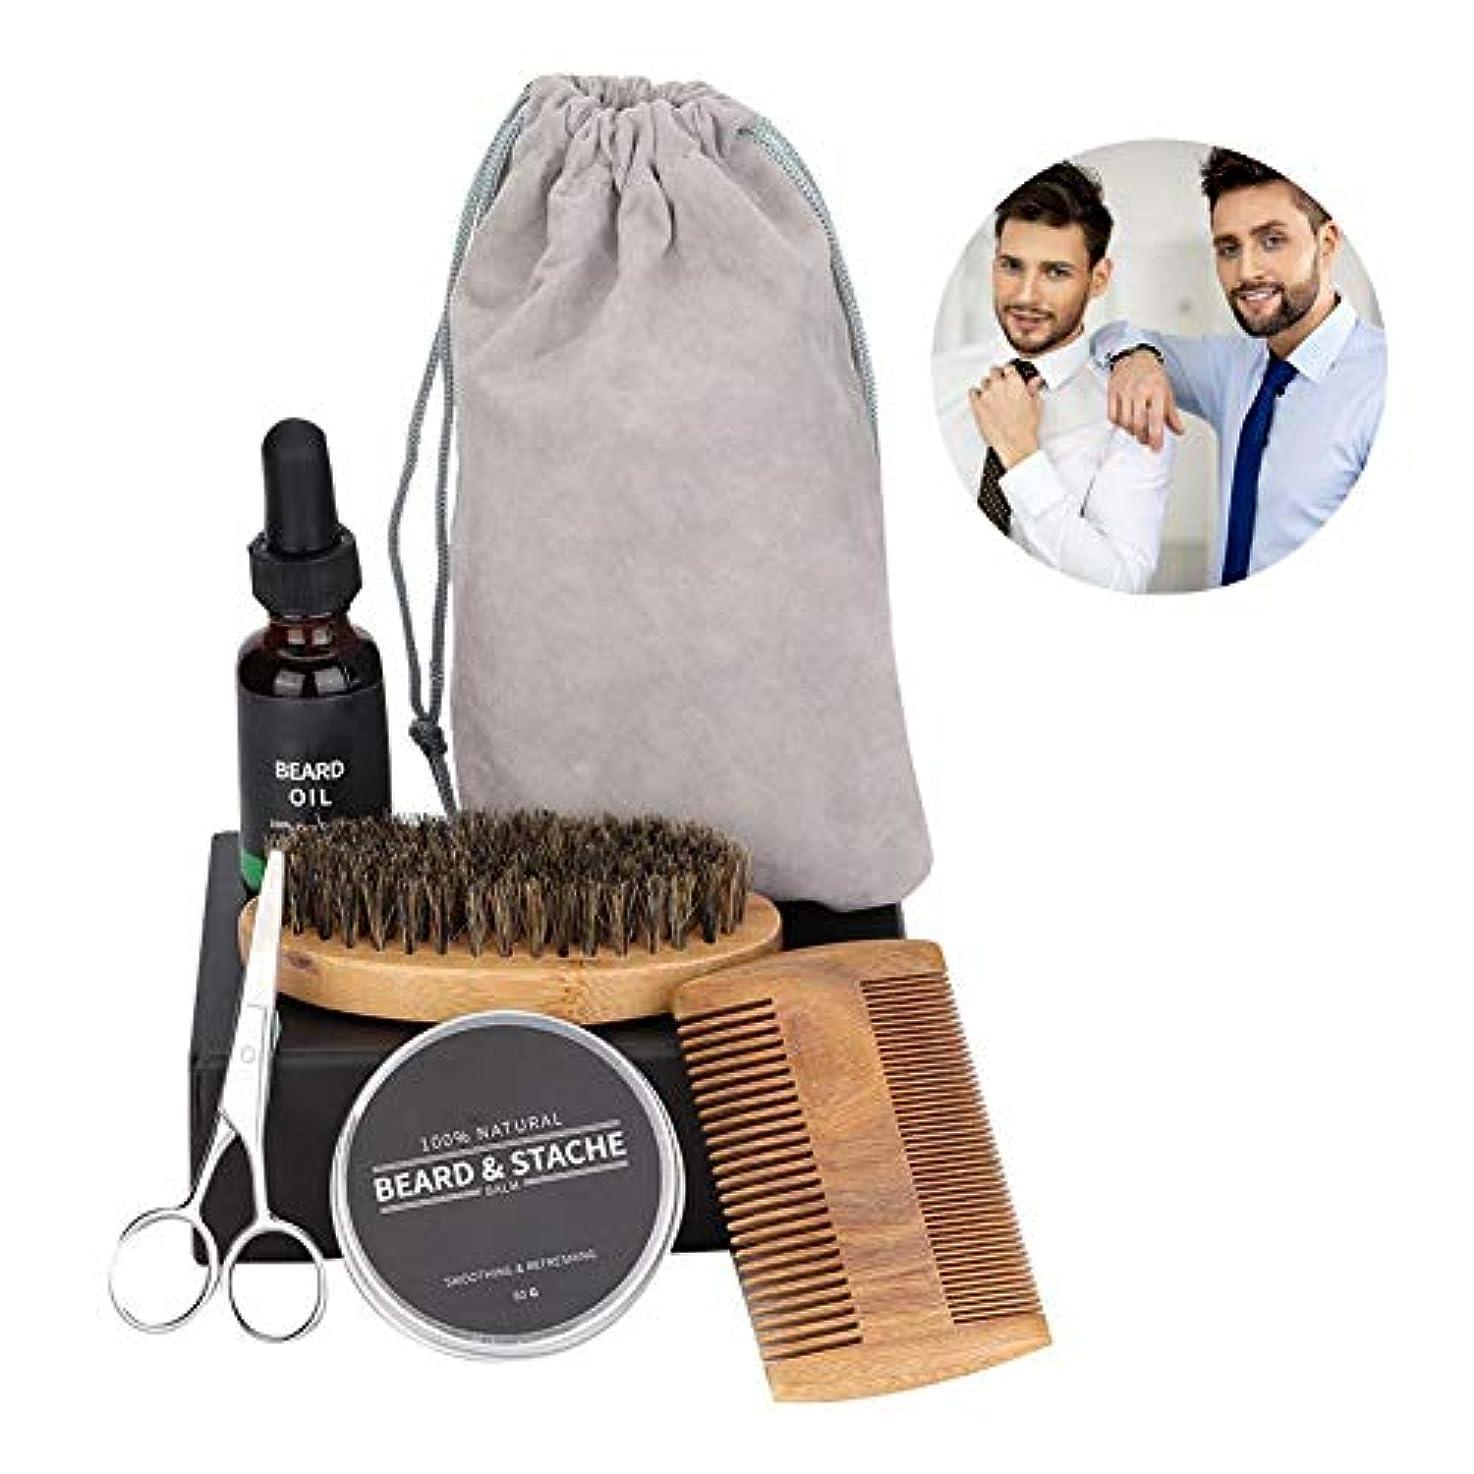 農民またアソシエイト髭手入れキット、髭手入れキットを含む男性または父親のための髭成長手入れおよびトリミングキット、髭オイル、髭ケアバーム、櫛、はさみ、ブラシ、収納袋